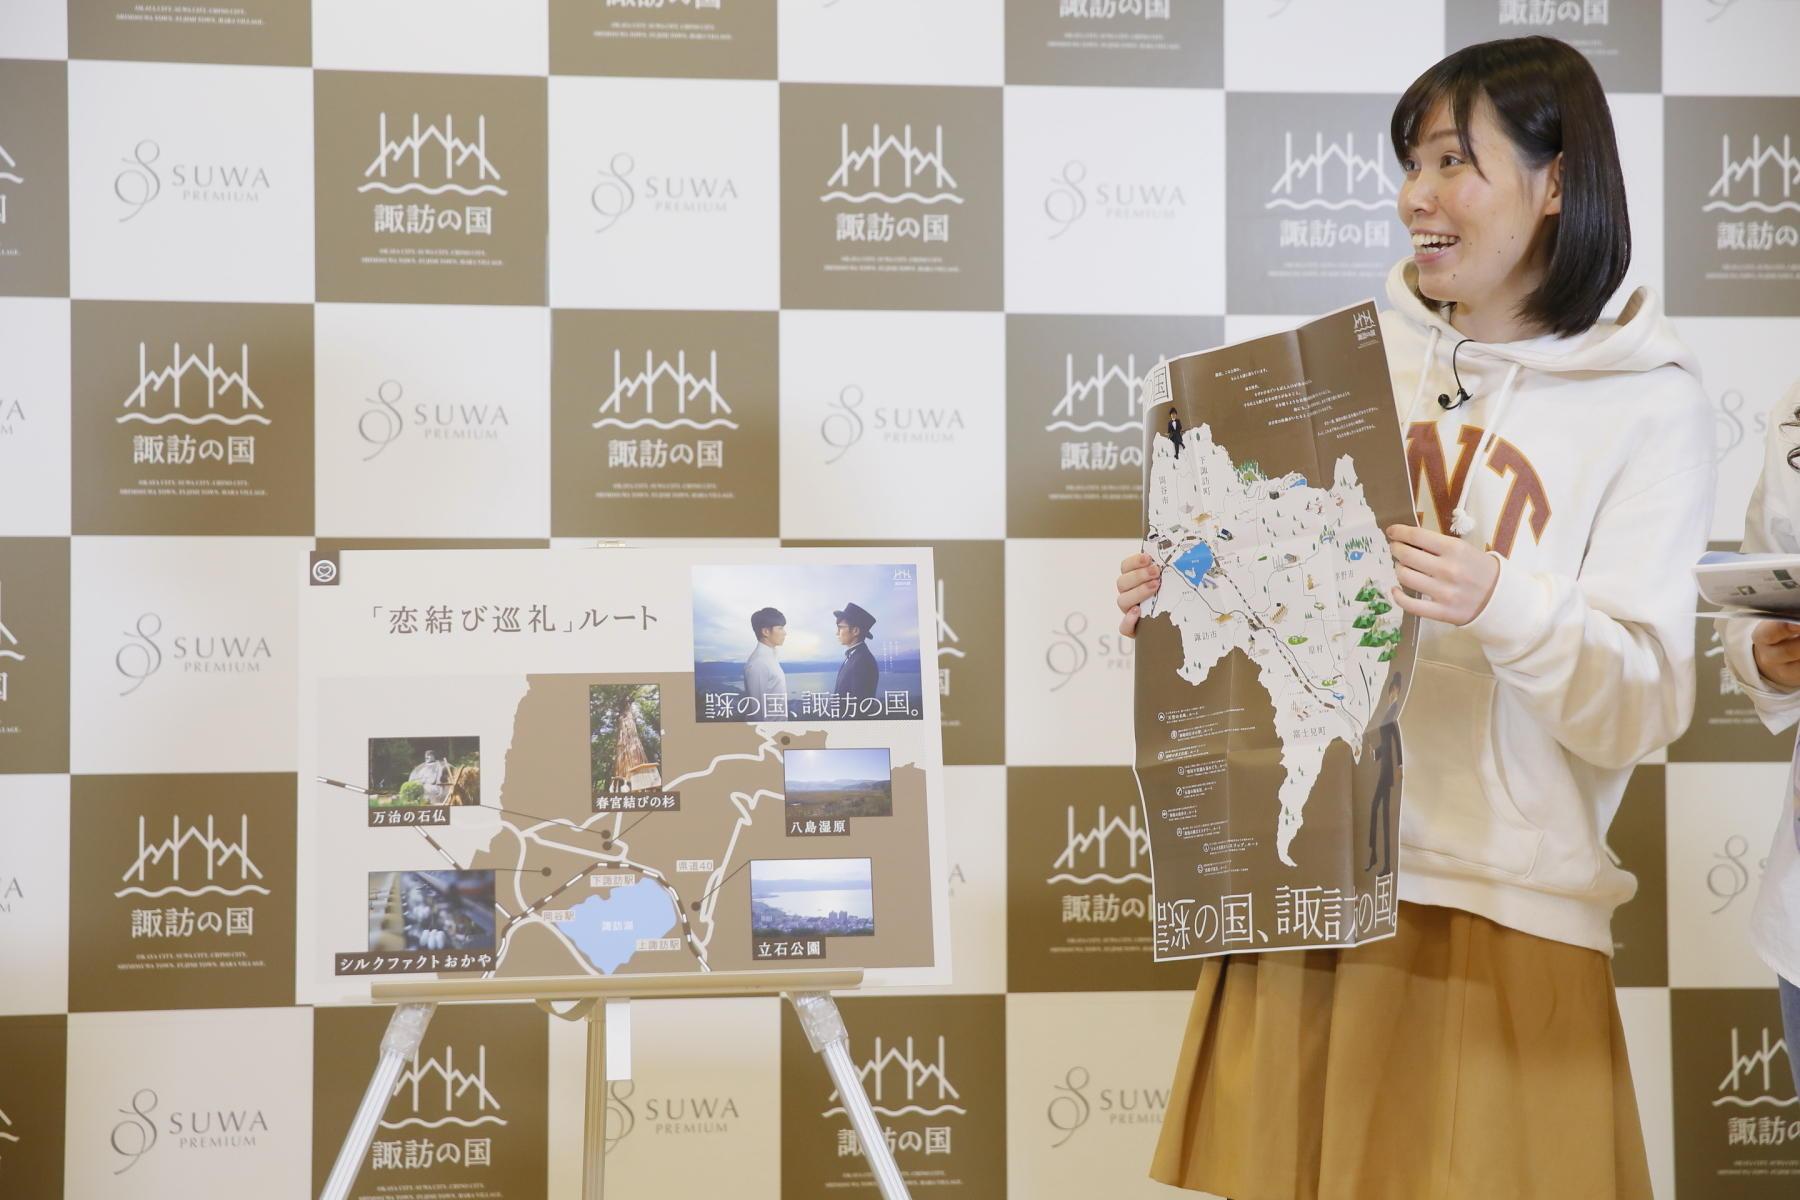 http://news.yoshimoto.co.jp/20171108161740-cd403f4f04c72c14a2171416586342dcbf7e86d4.jpg